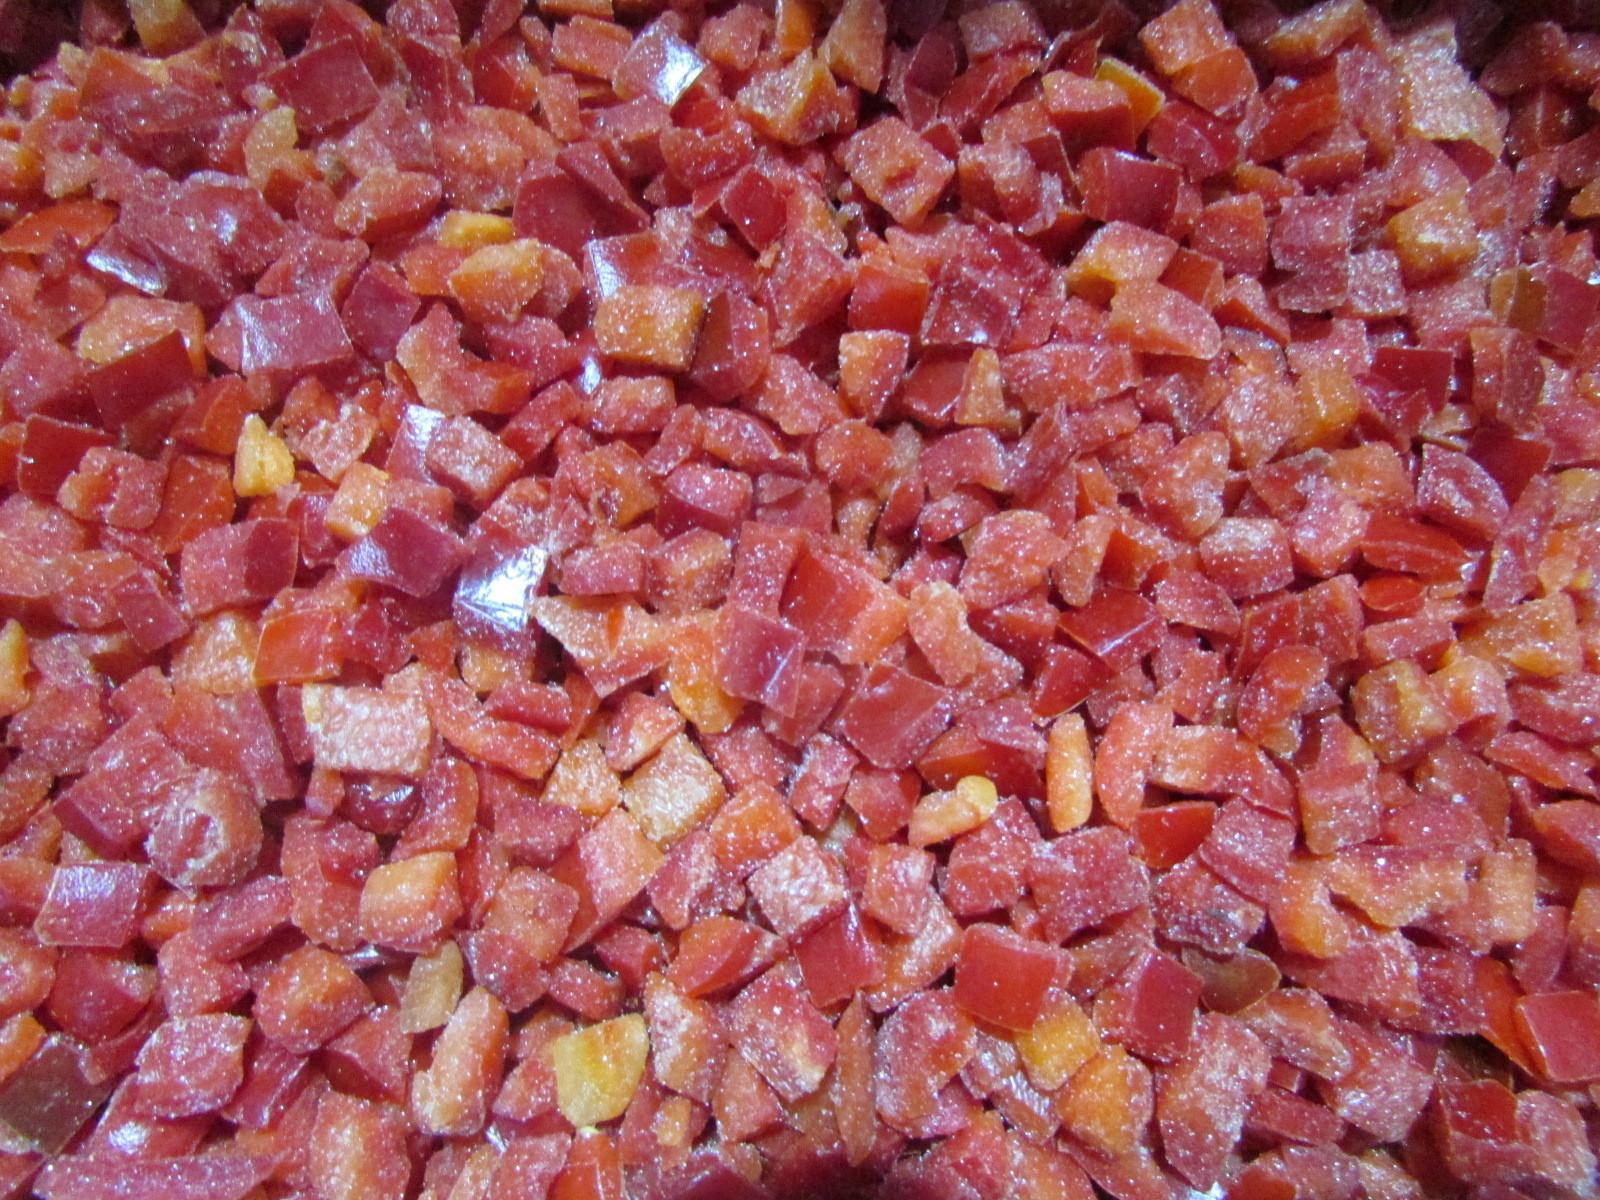 冷凍紅椒,速凍紅椒,絲/丁 7